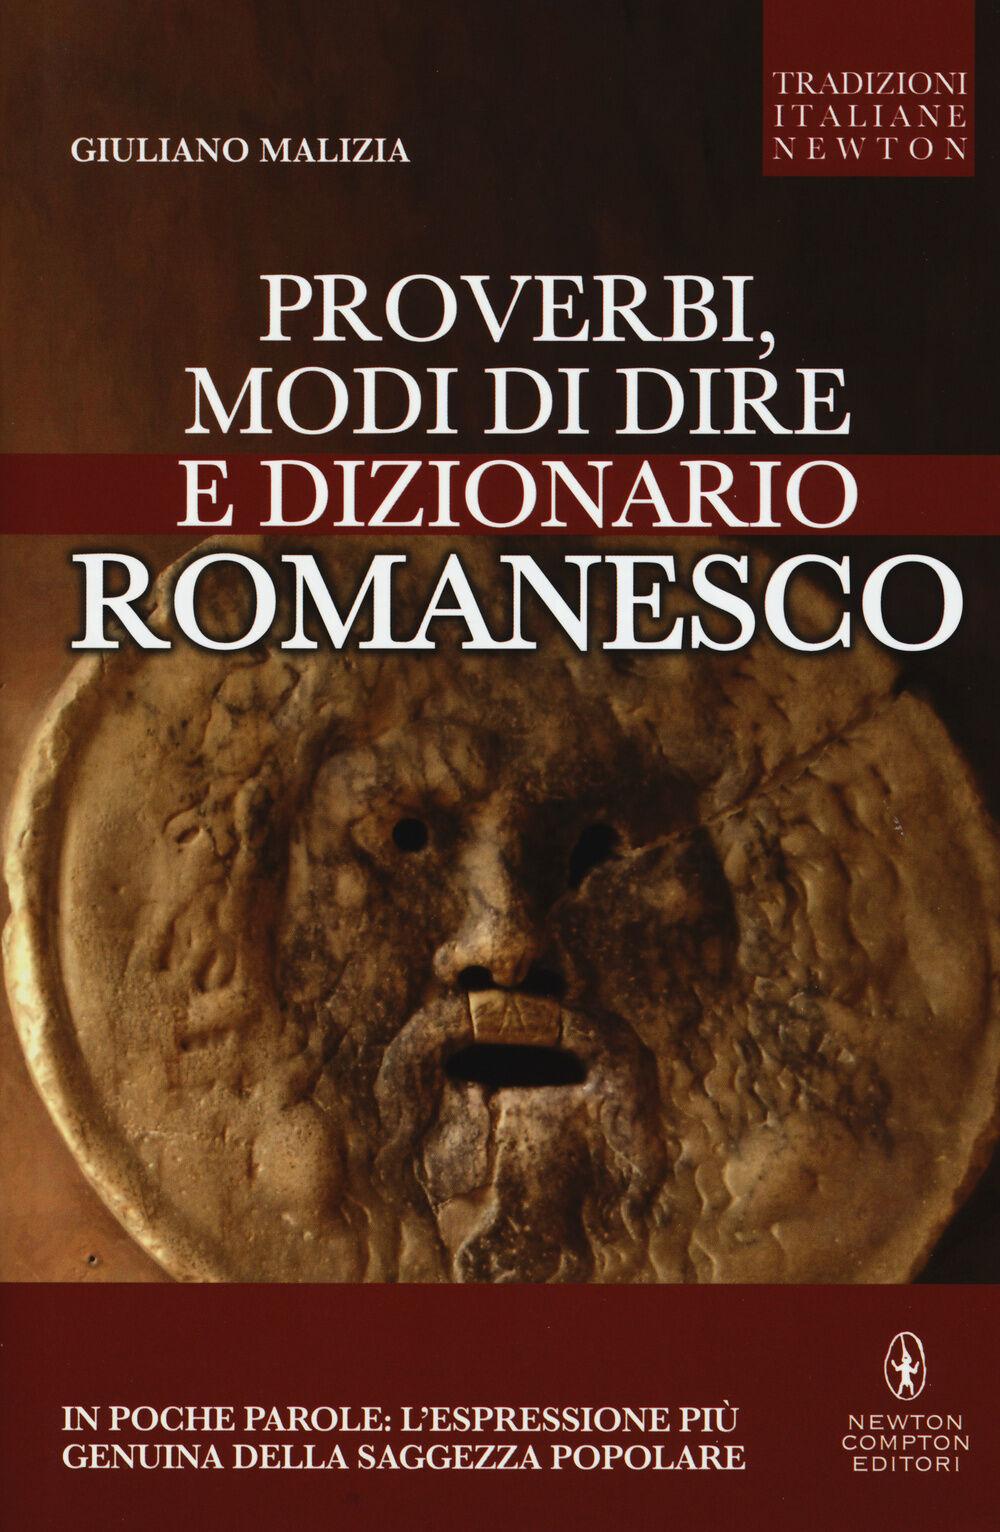 Proverbi, modi di dire e dizionario romanesco